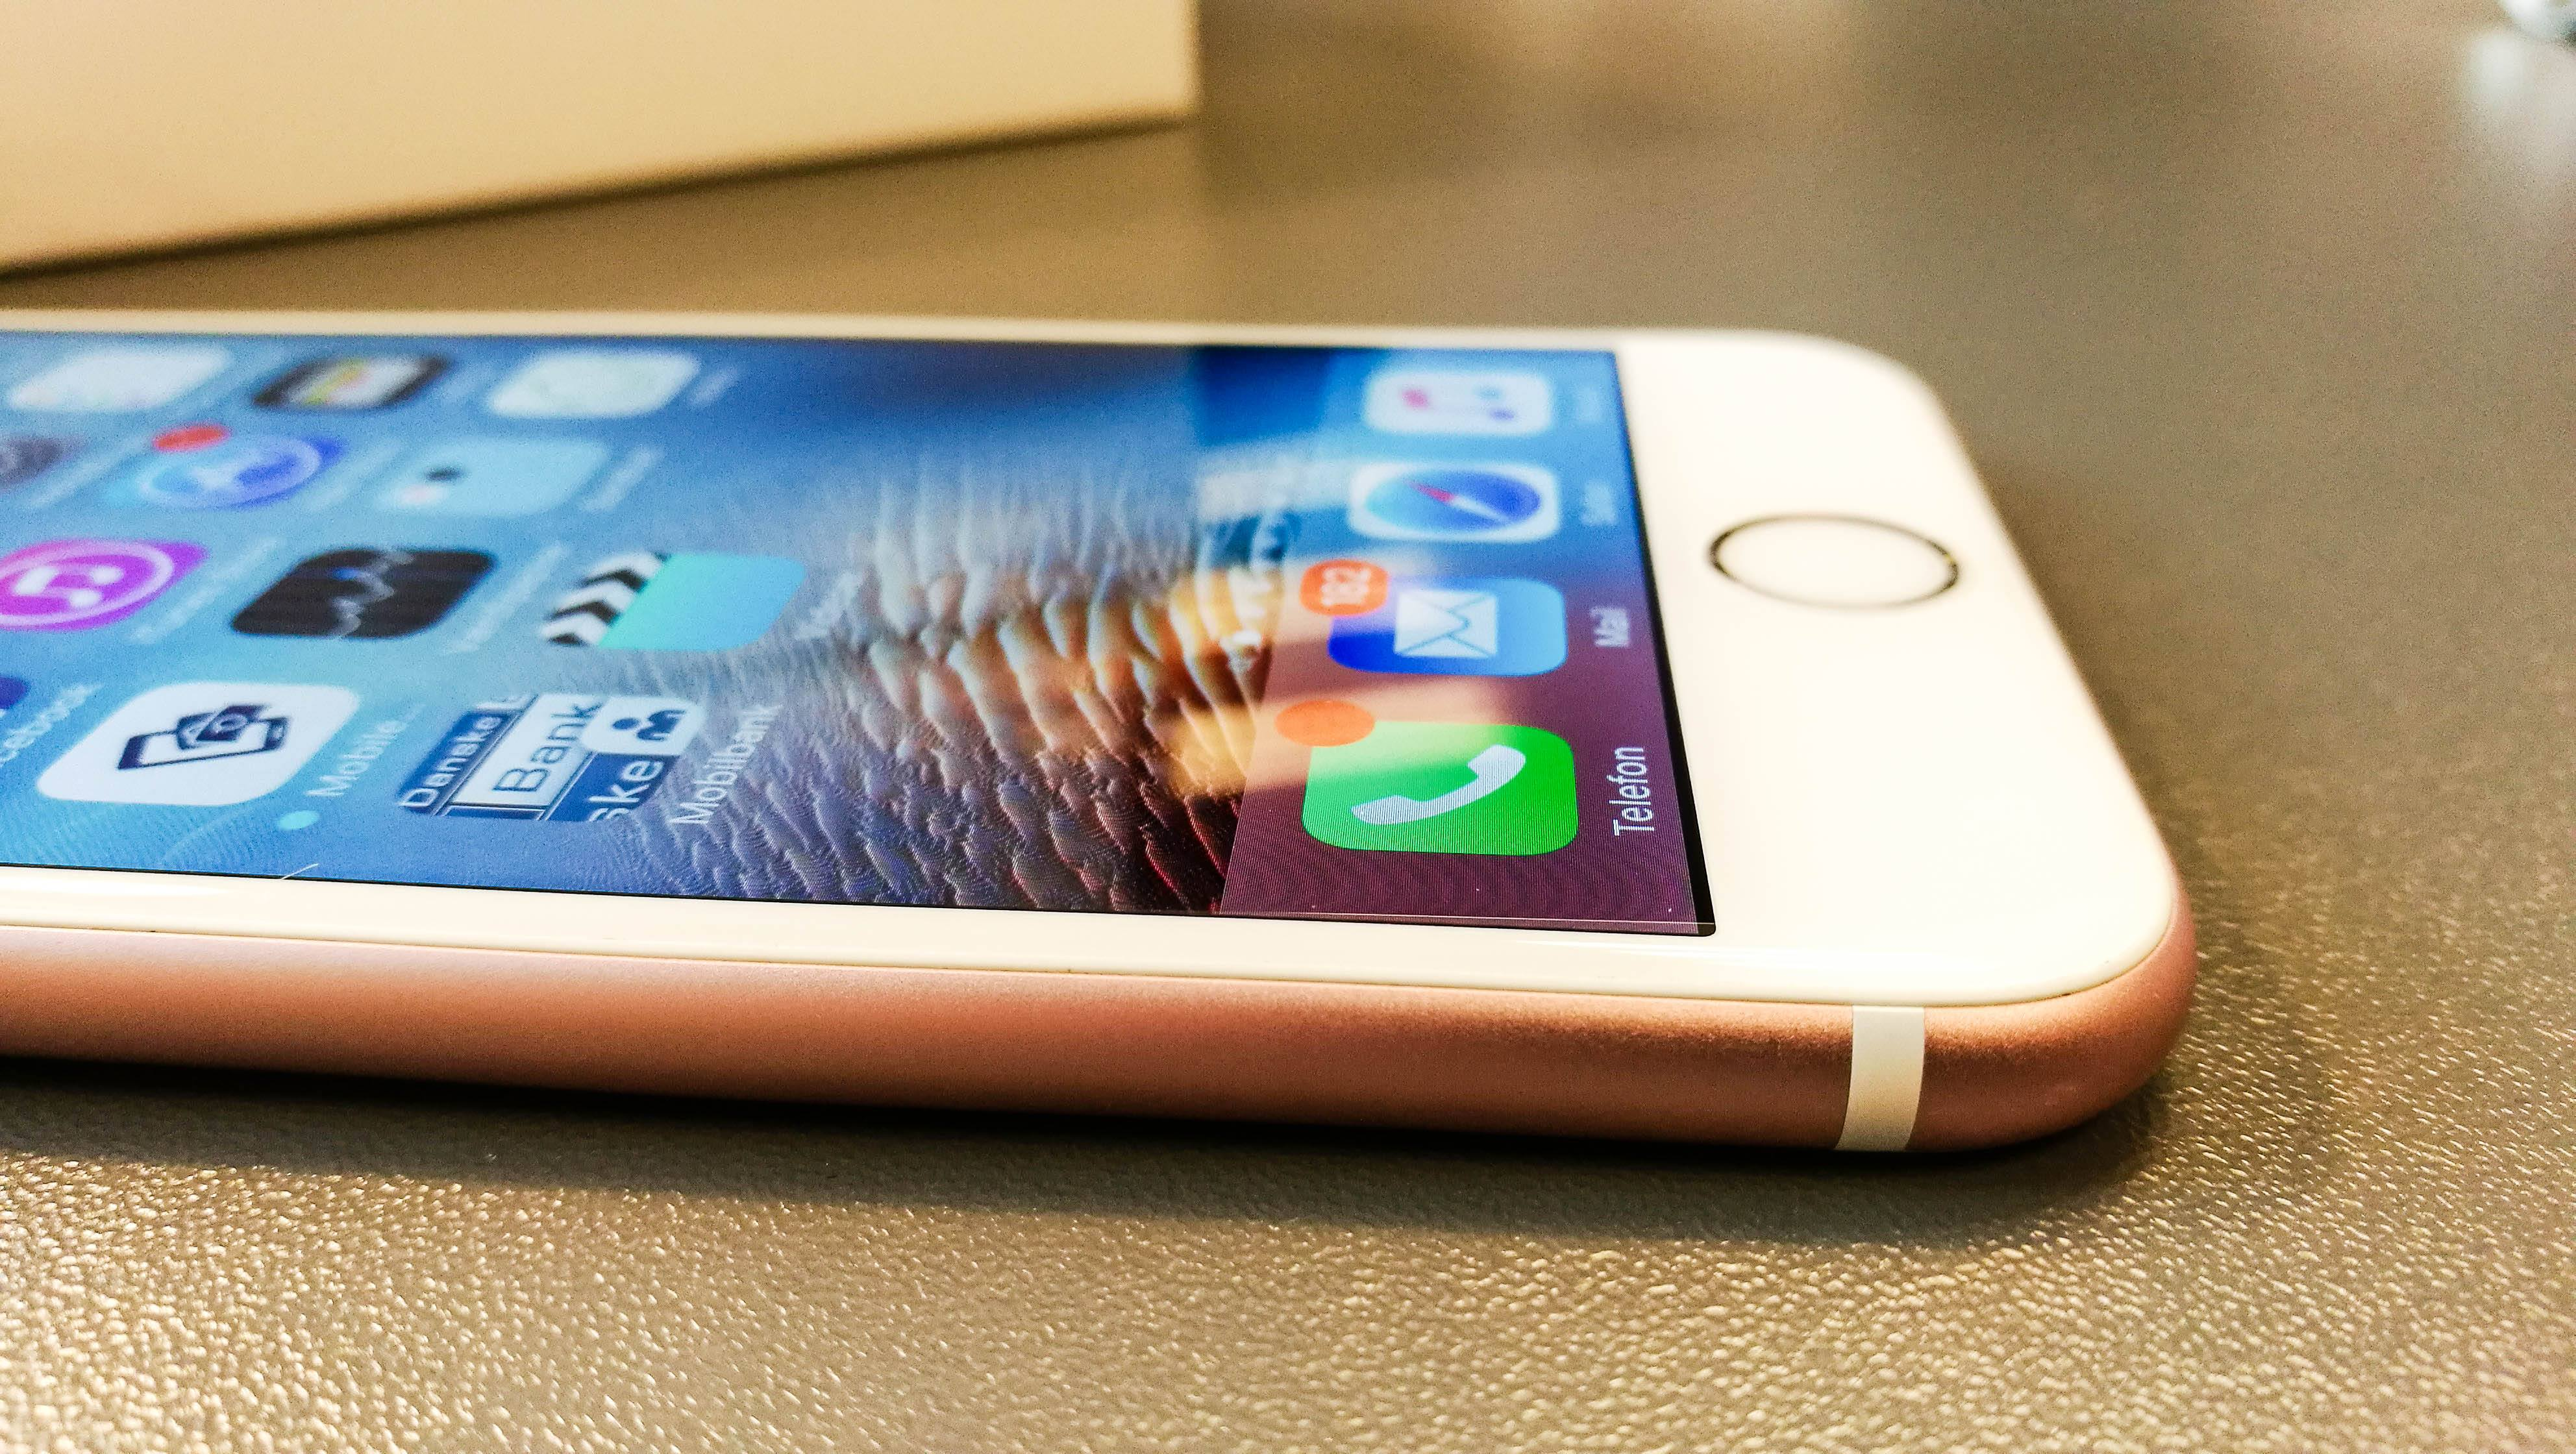 mobil kontant eller abonnemang